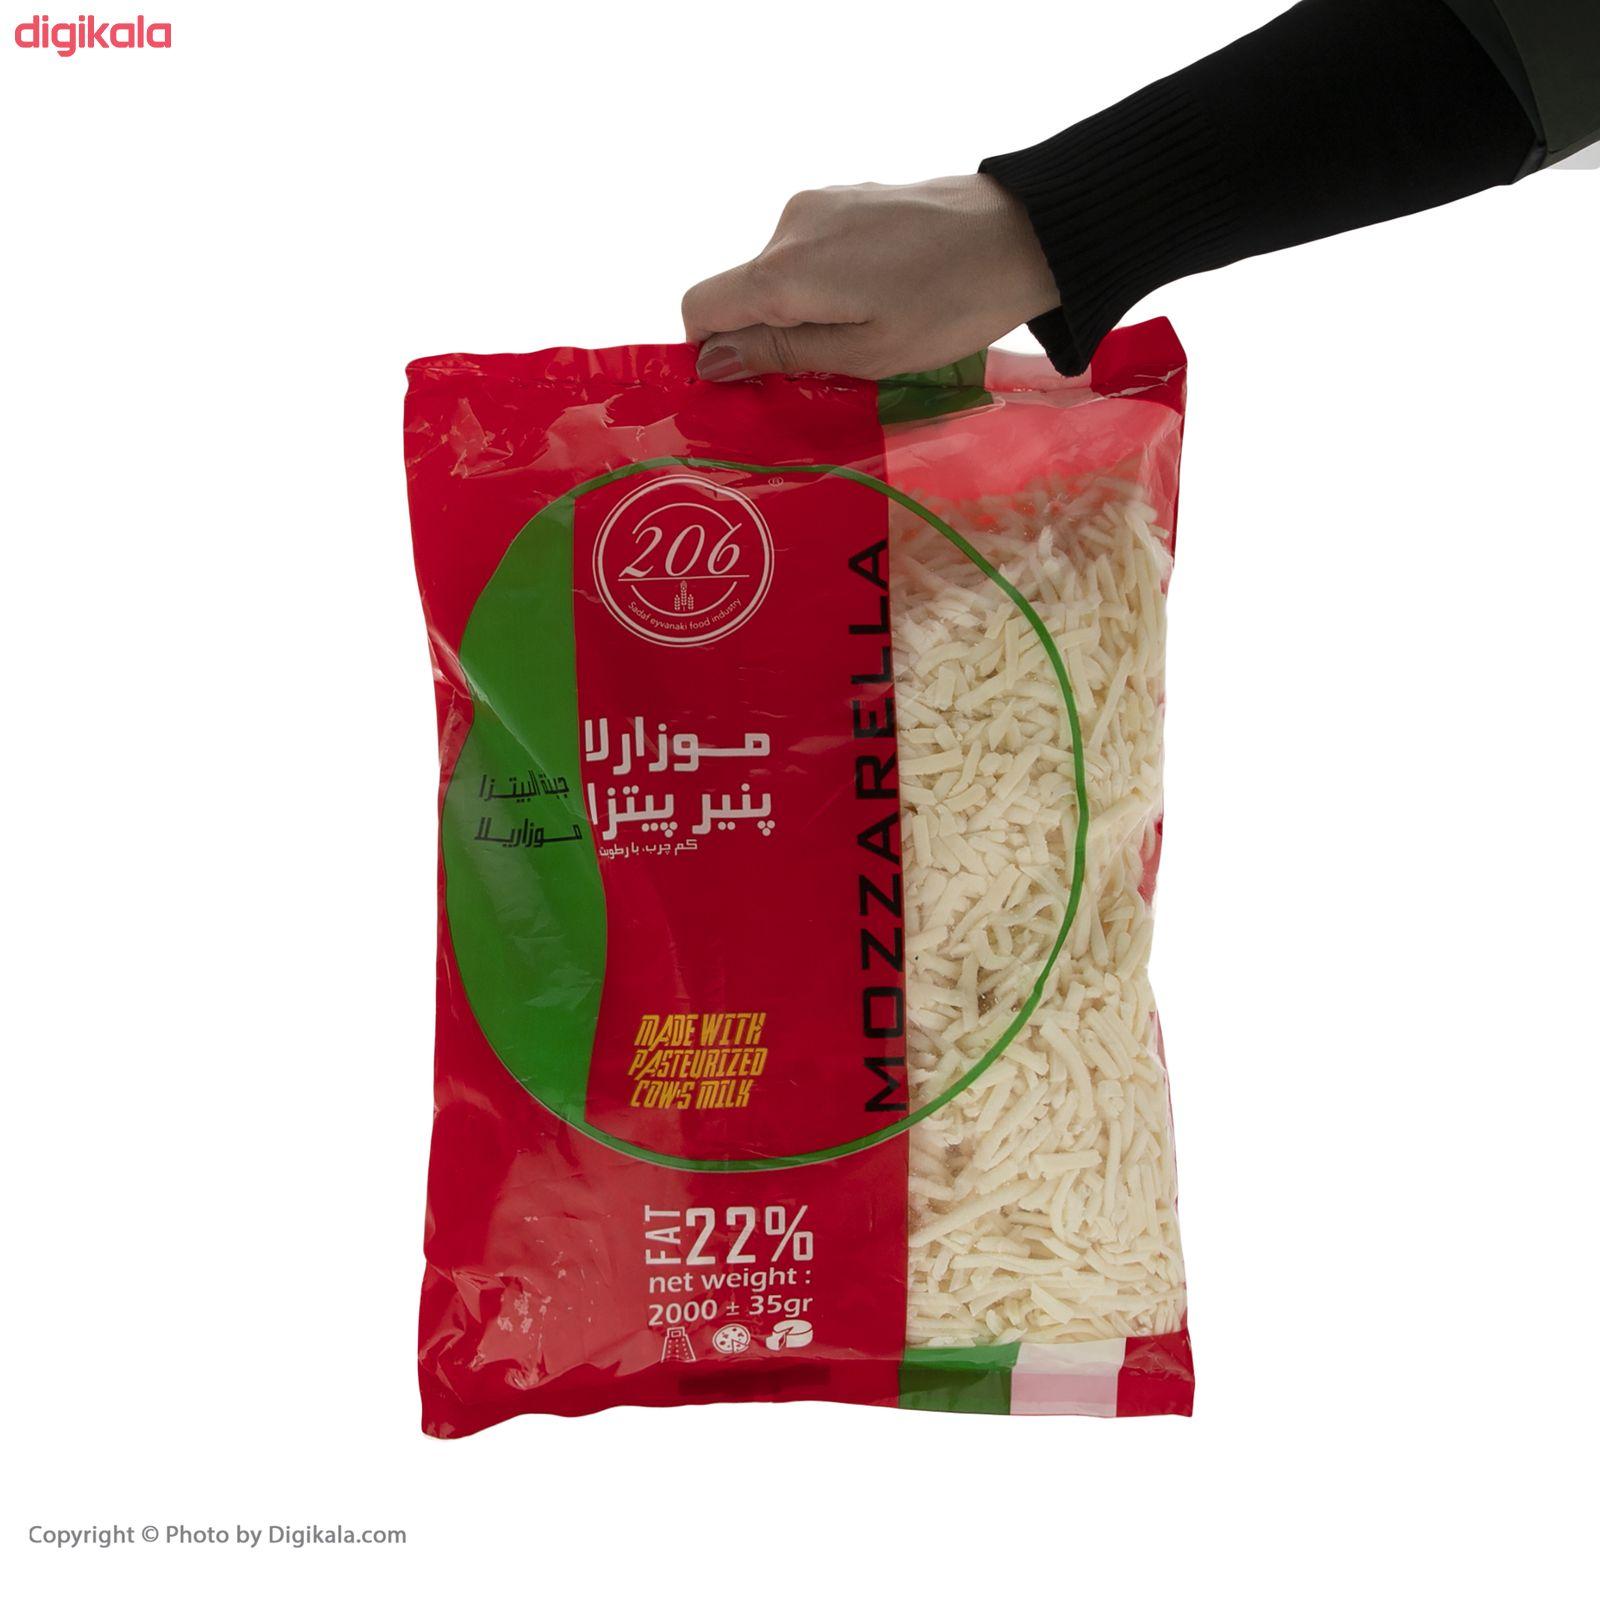 پنیر پیتزا موزارلا 206 - 2 کیلوگرم main 1 1